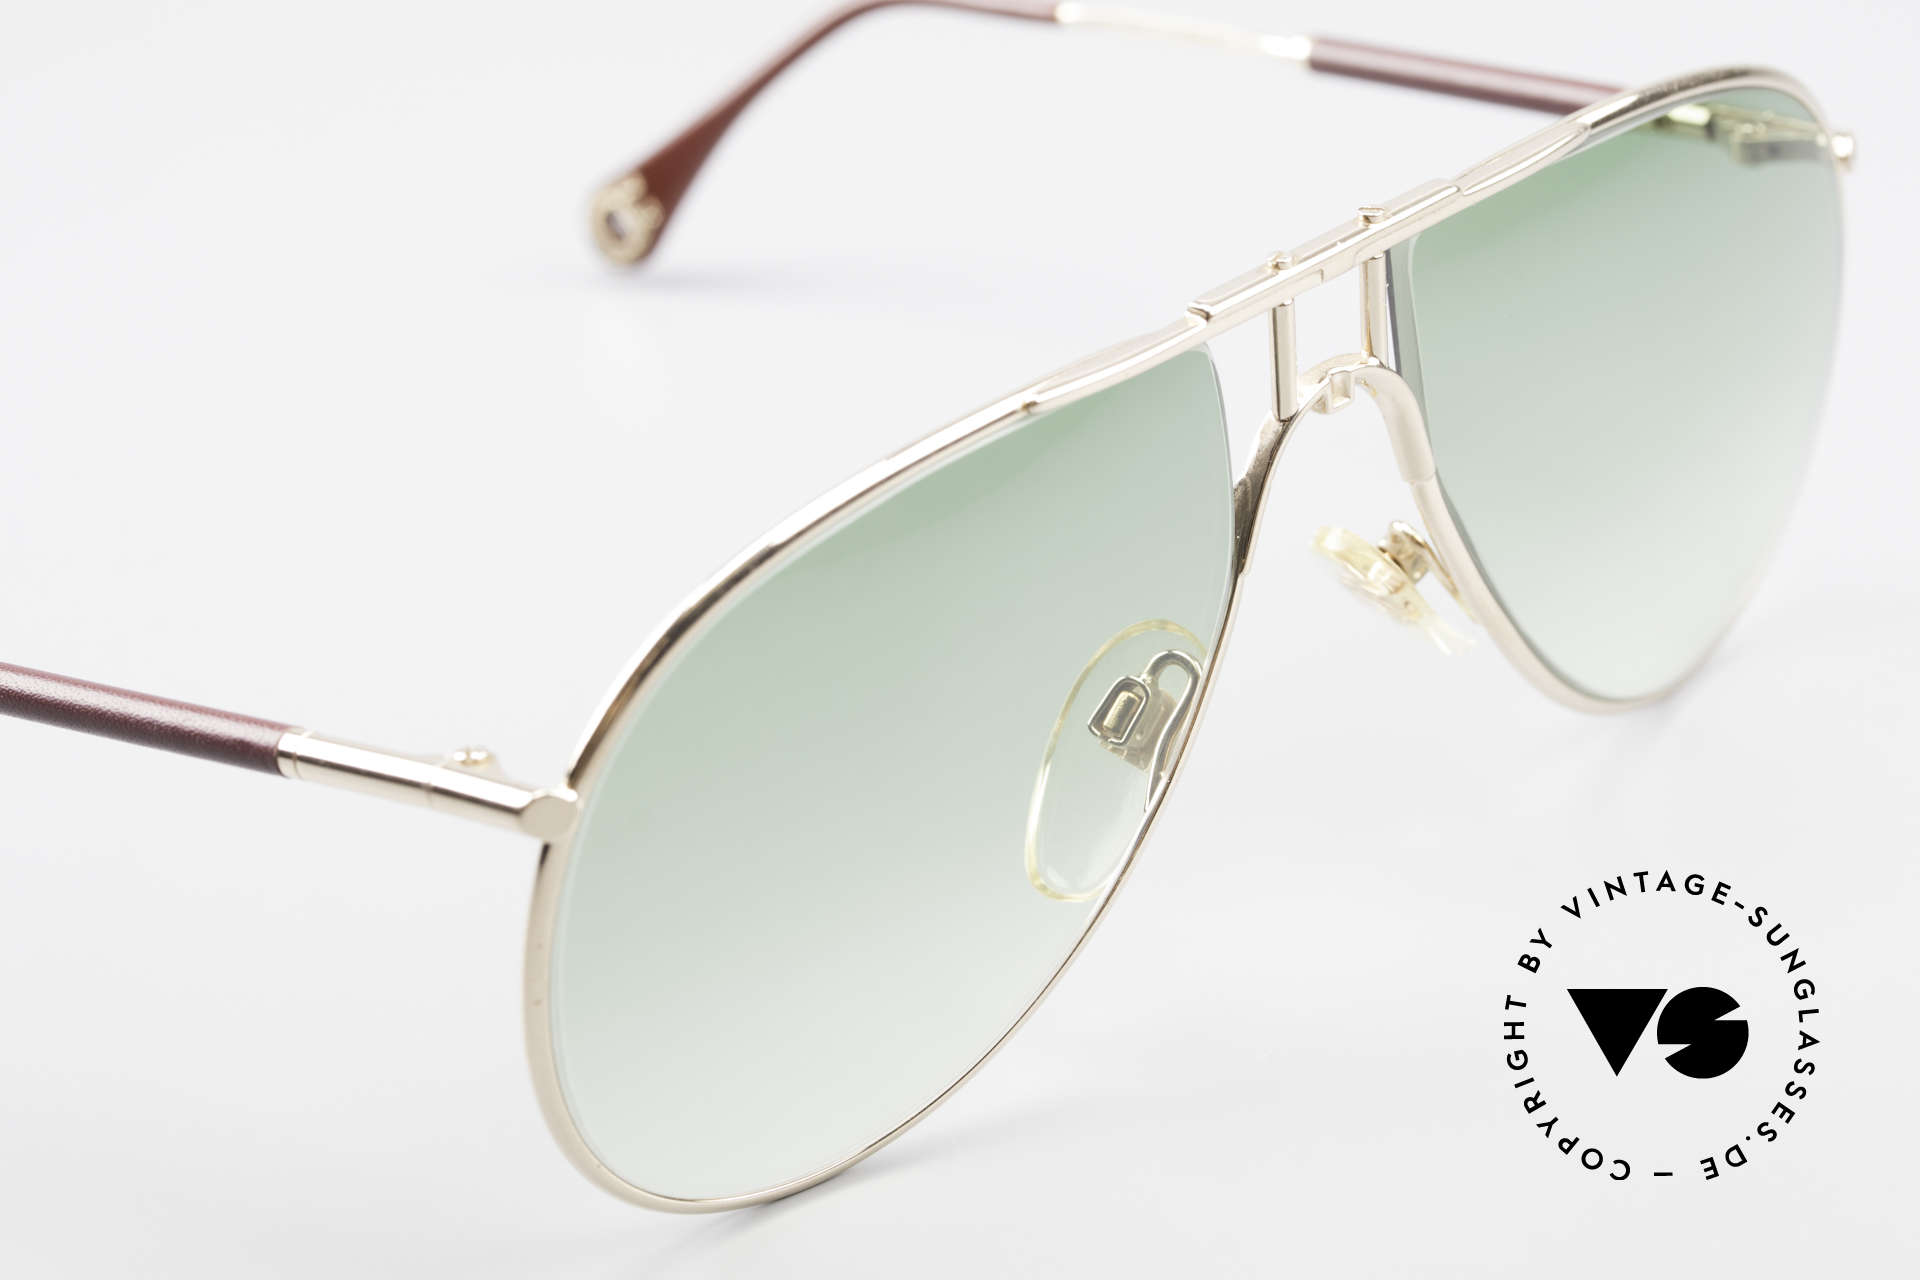 Aigner EA3 Echt 80er Vintage Sonnenbrille, ungetragen (wie alle unsere seltenen Aigner Brillen), Passend für Herren